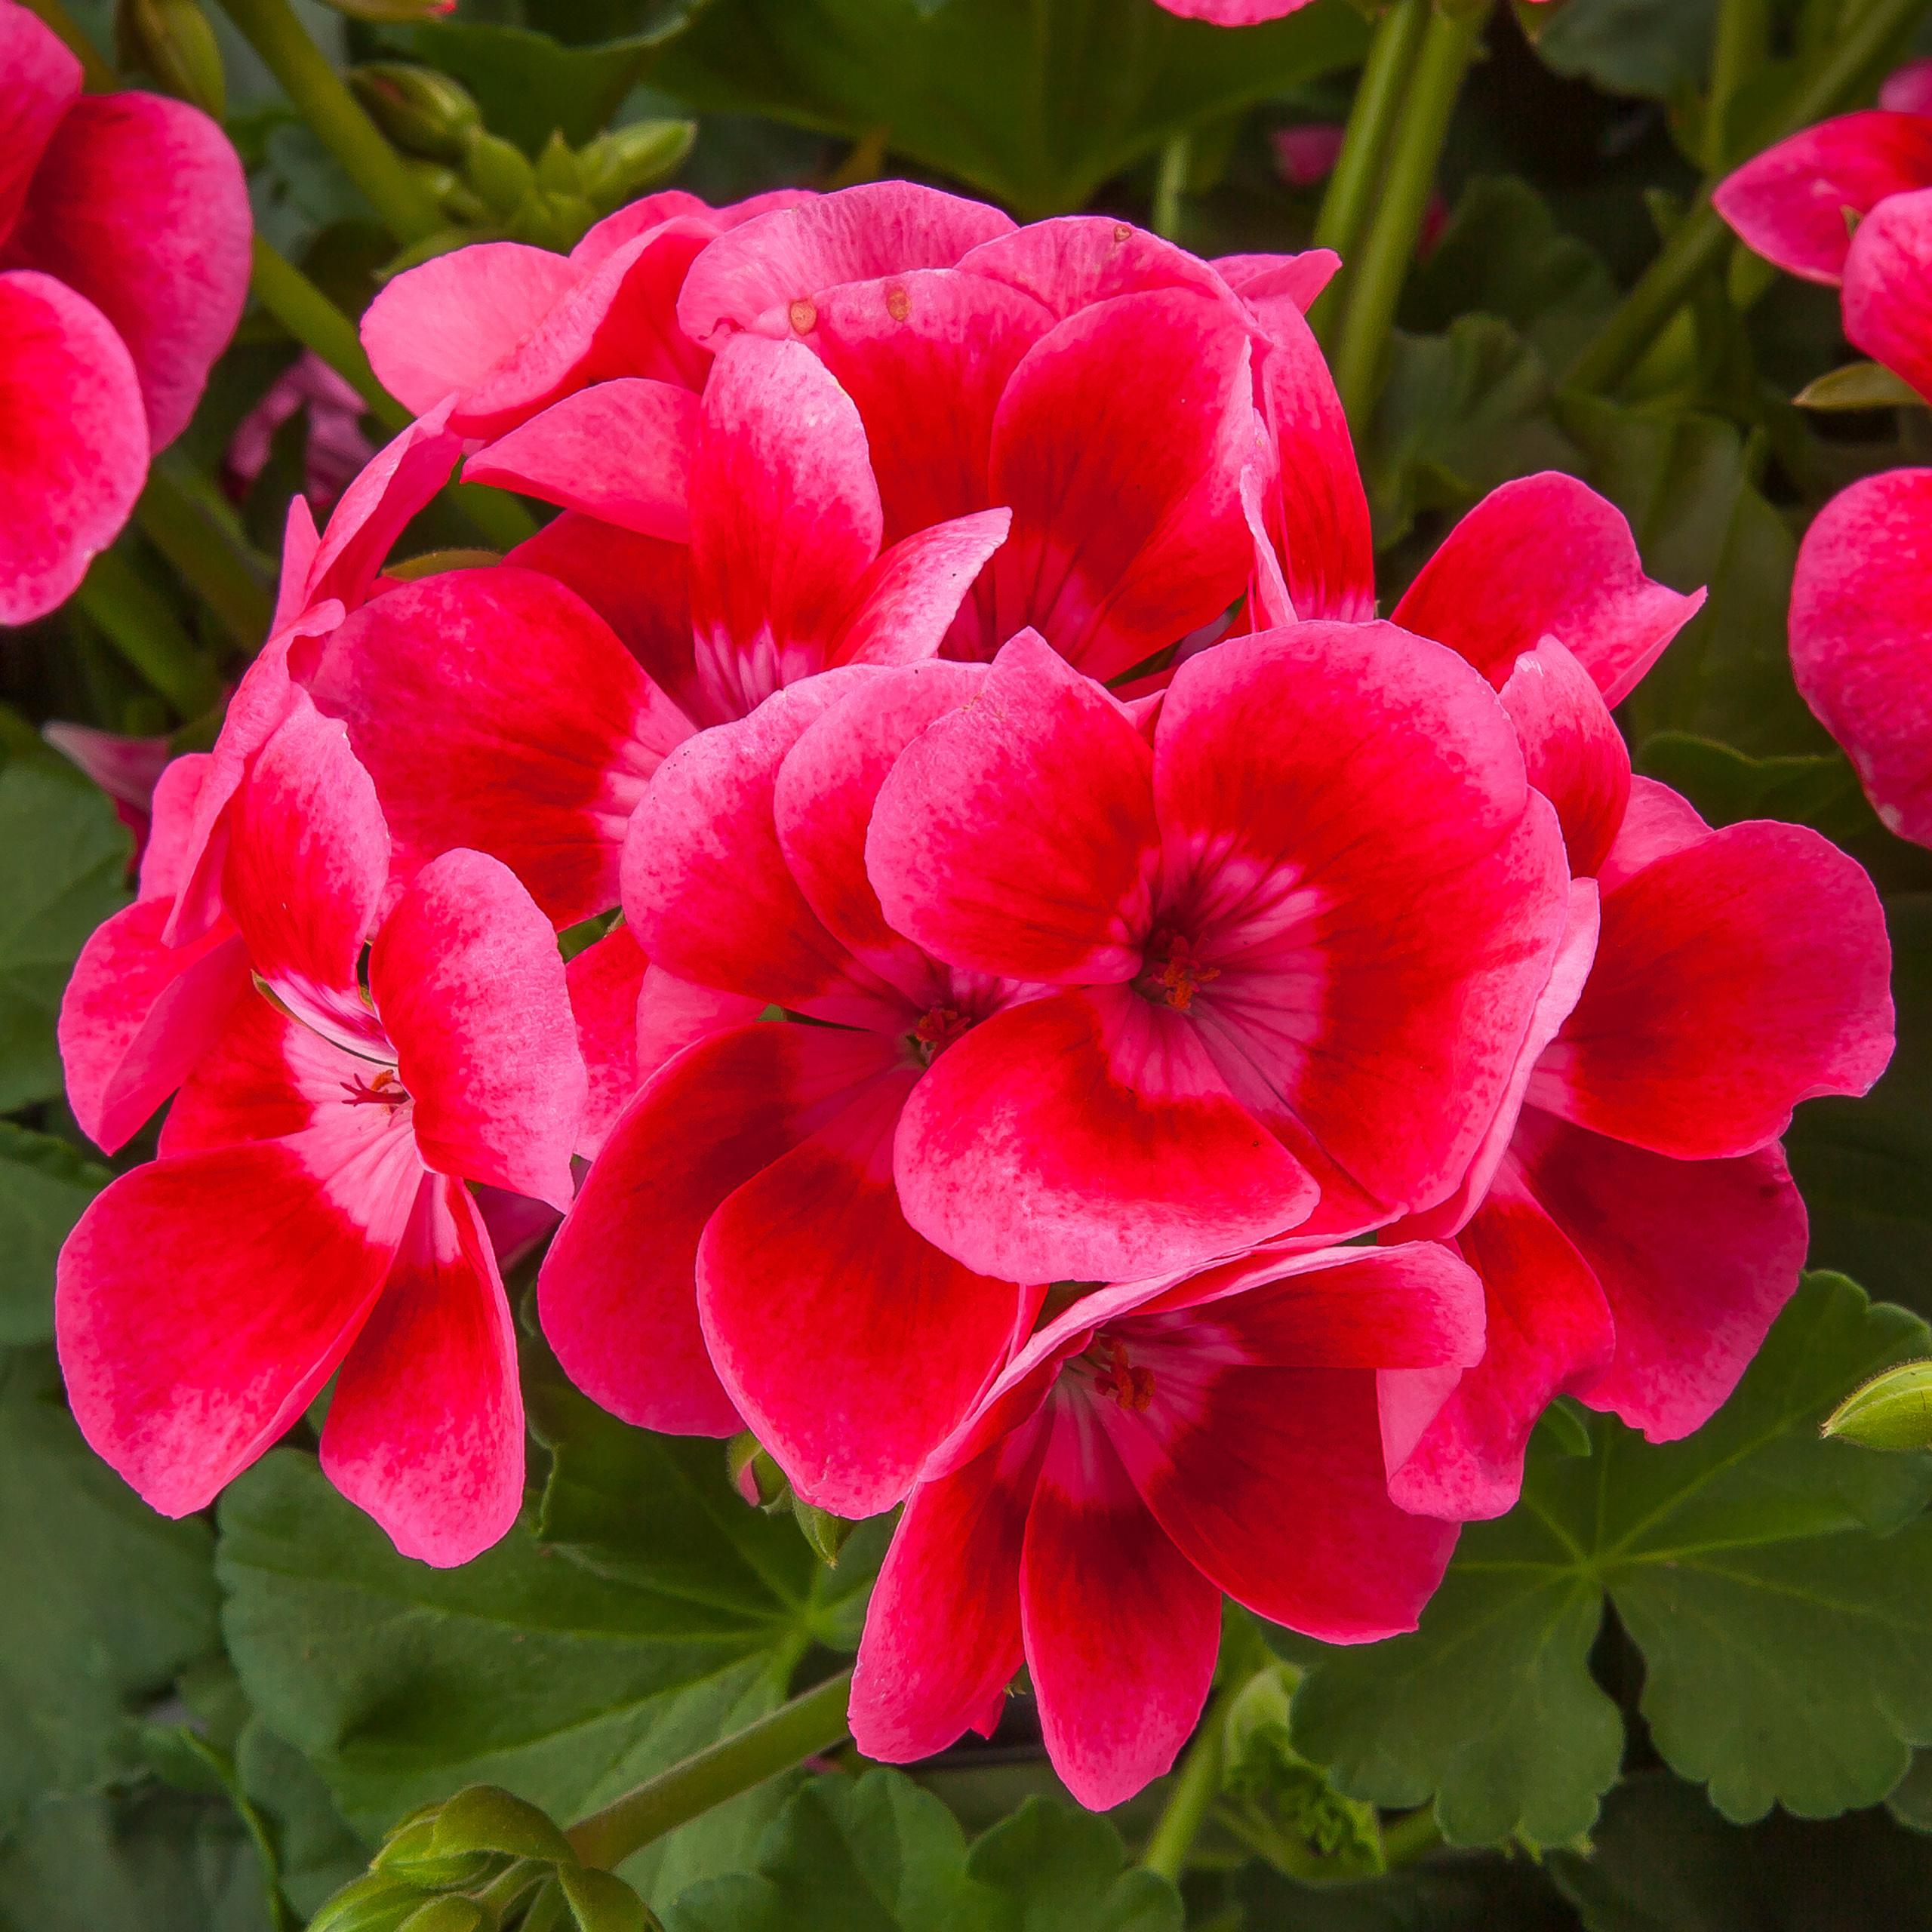 Geranium Interspecific Pretty Little Pink Splash